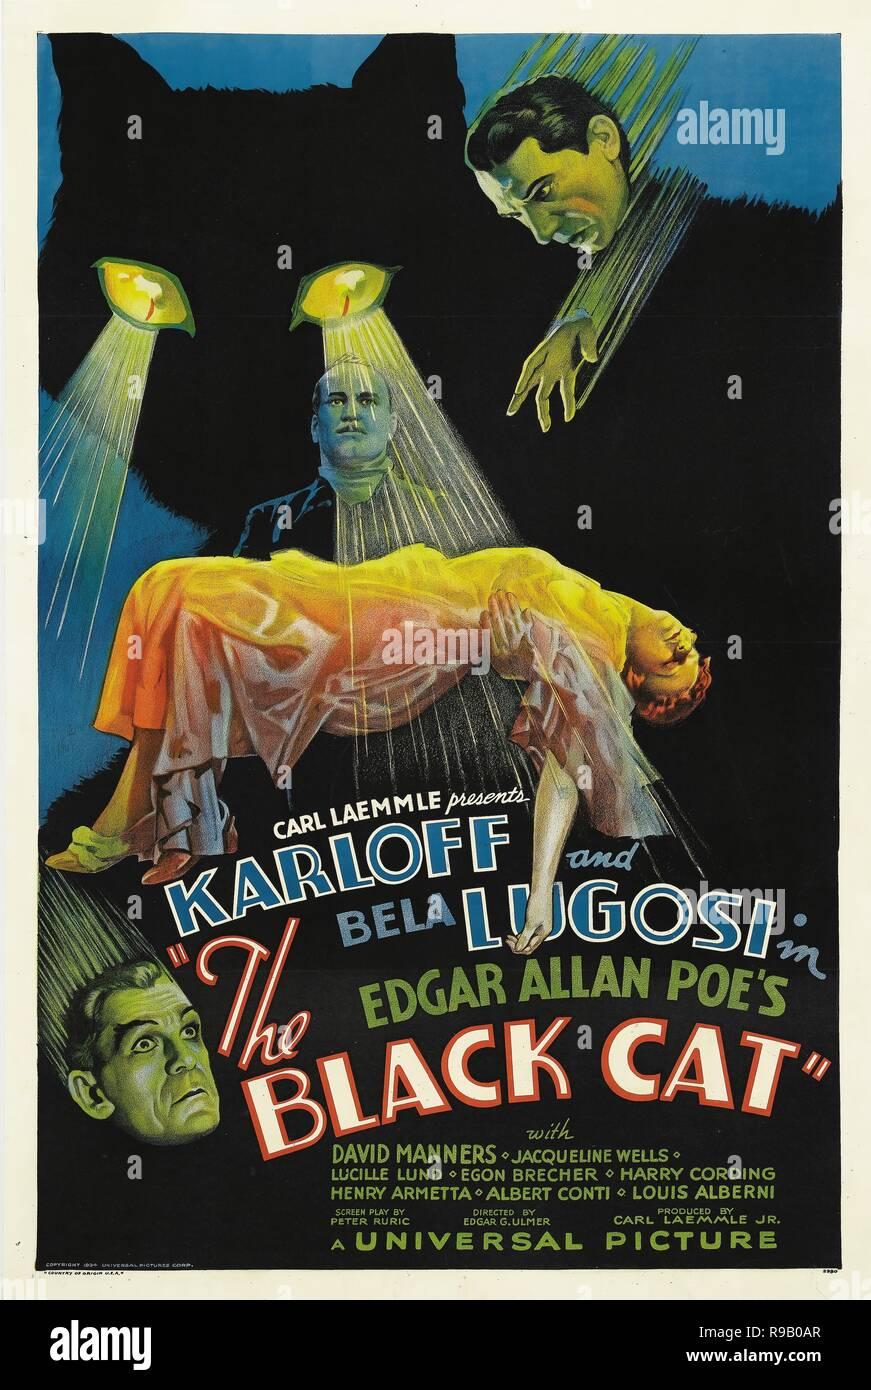 Film Original Titre: LE CHAT NOIR. Titre en anglais: LE CHAT NOIR. Année: 1934. Directeur: EDGAR ULMER. Credit: UNIVERSAL PICTURES / Album Banque D'Images